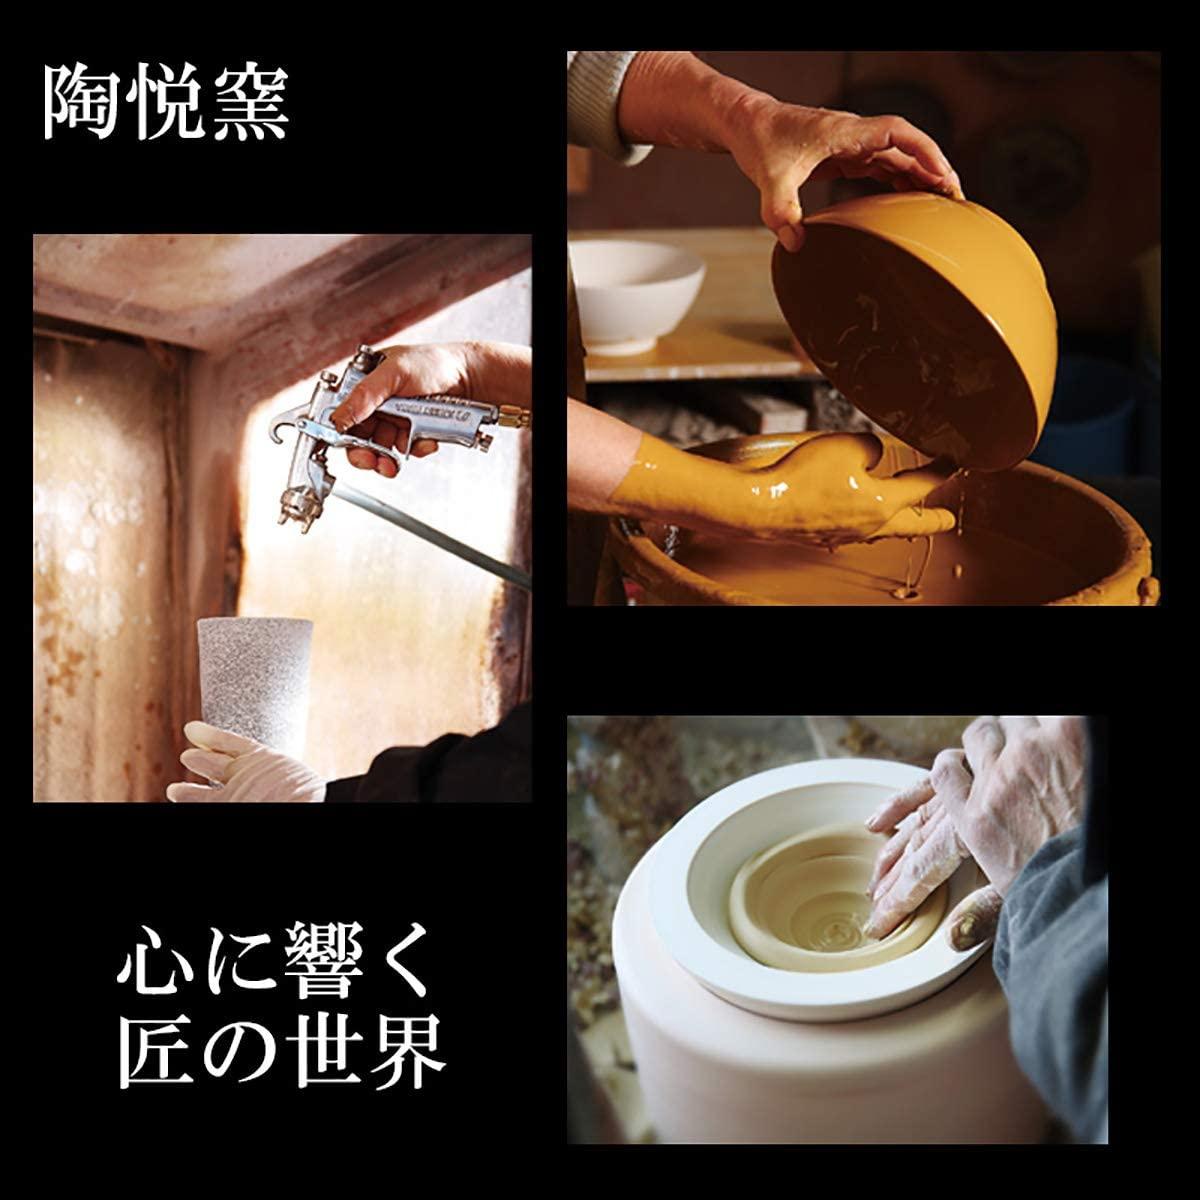 陶悦窯(とうえつがま)焼酎カップ  370cc 雅刷毛(金)の商品画像4